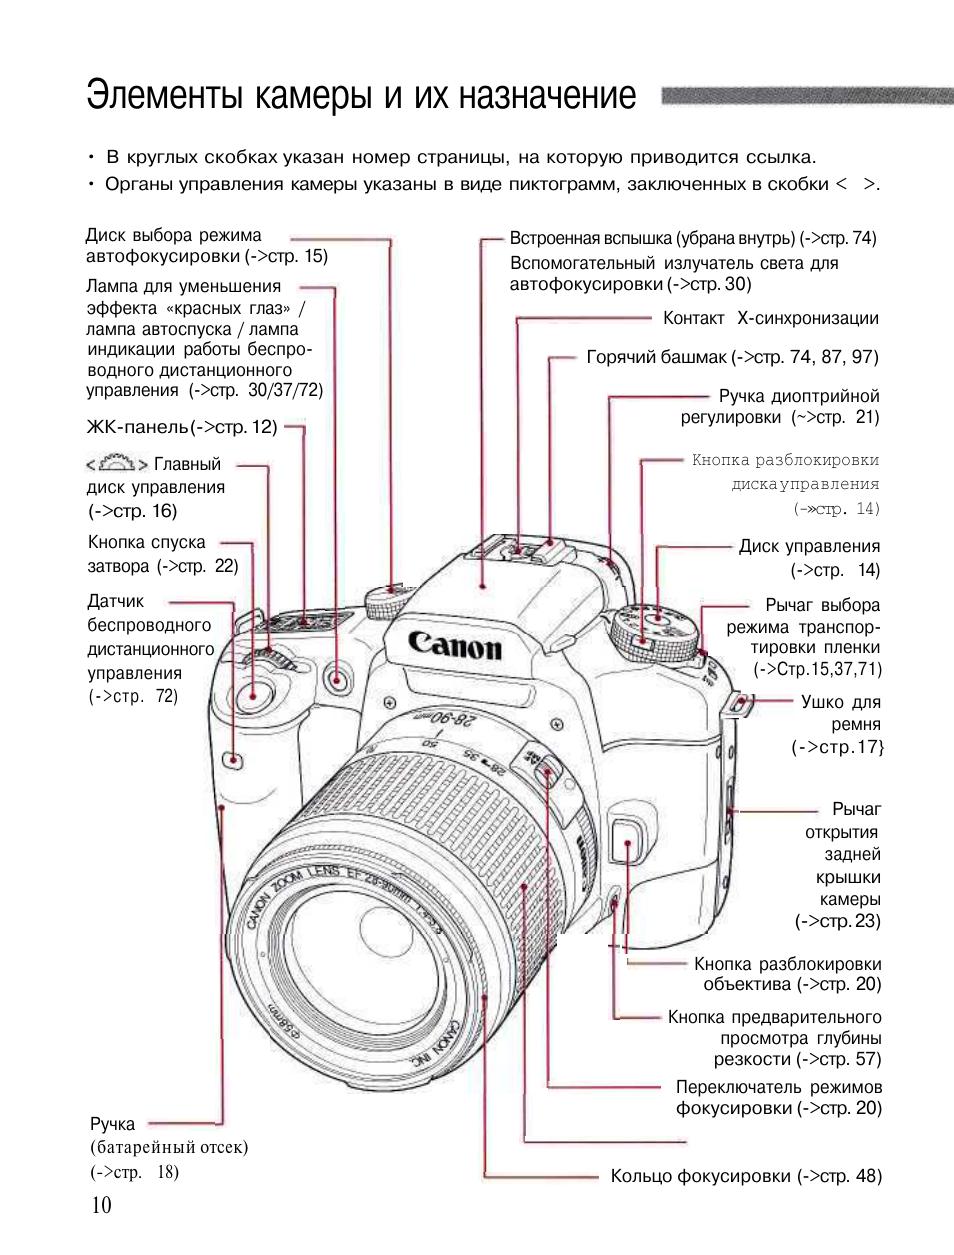 Блок схема цифрового фотоаппарата